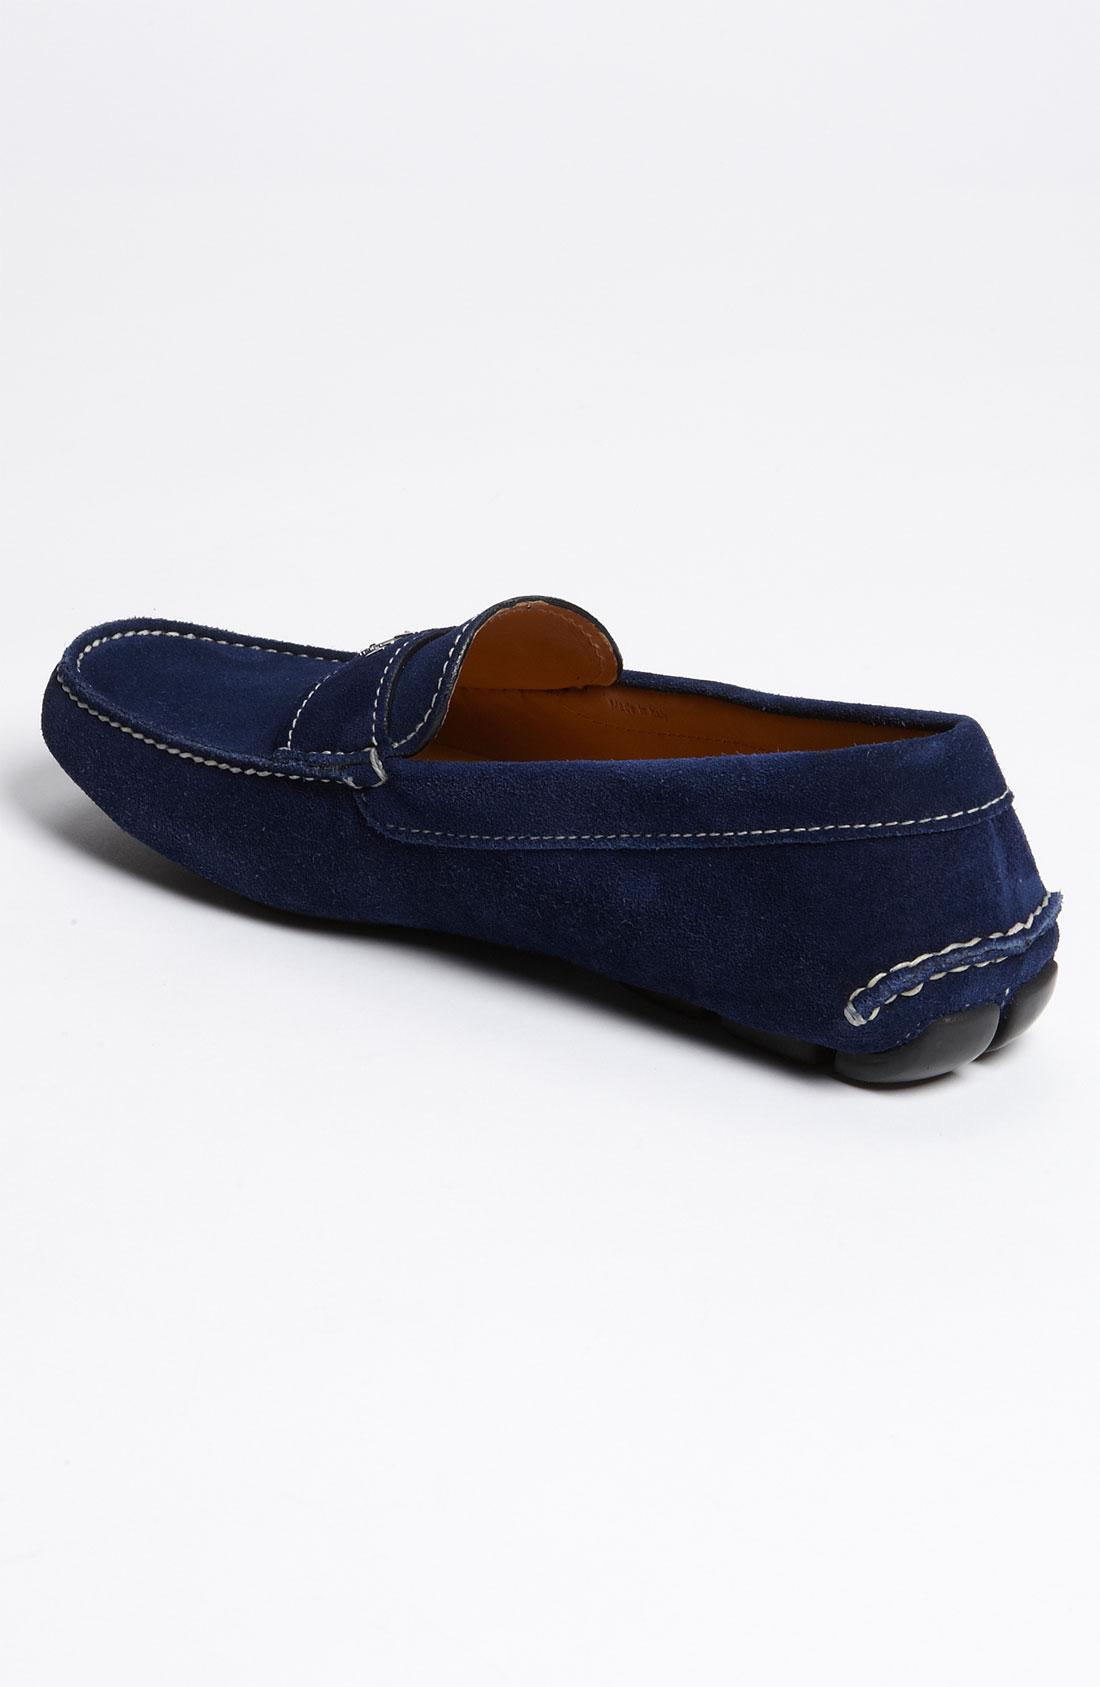 c0575896f5c5 Prada Suede Driving Shoe in Blue for Men